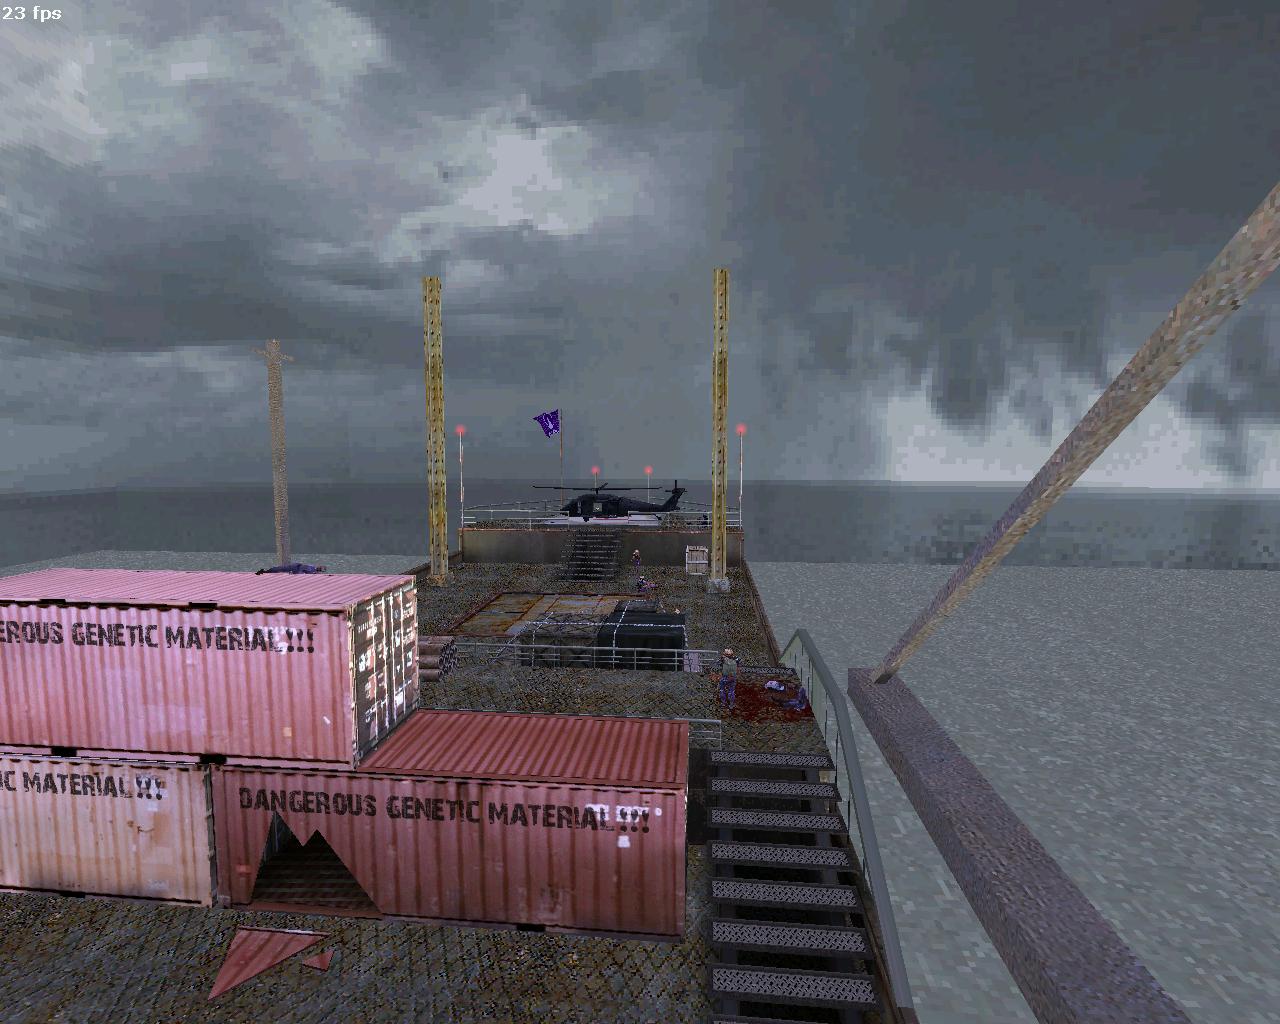 pcsm5d0006.png - Half-Life